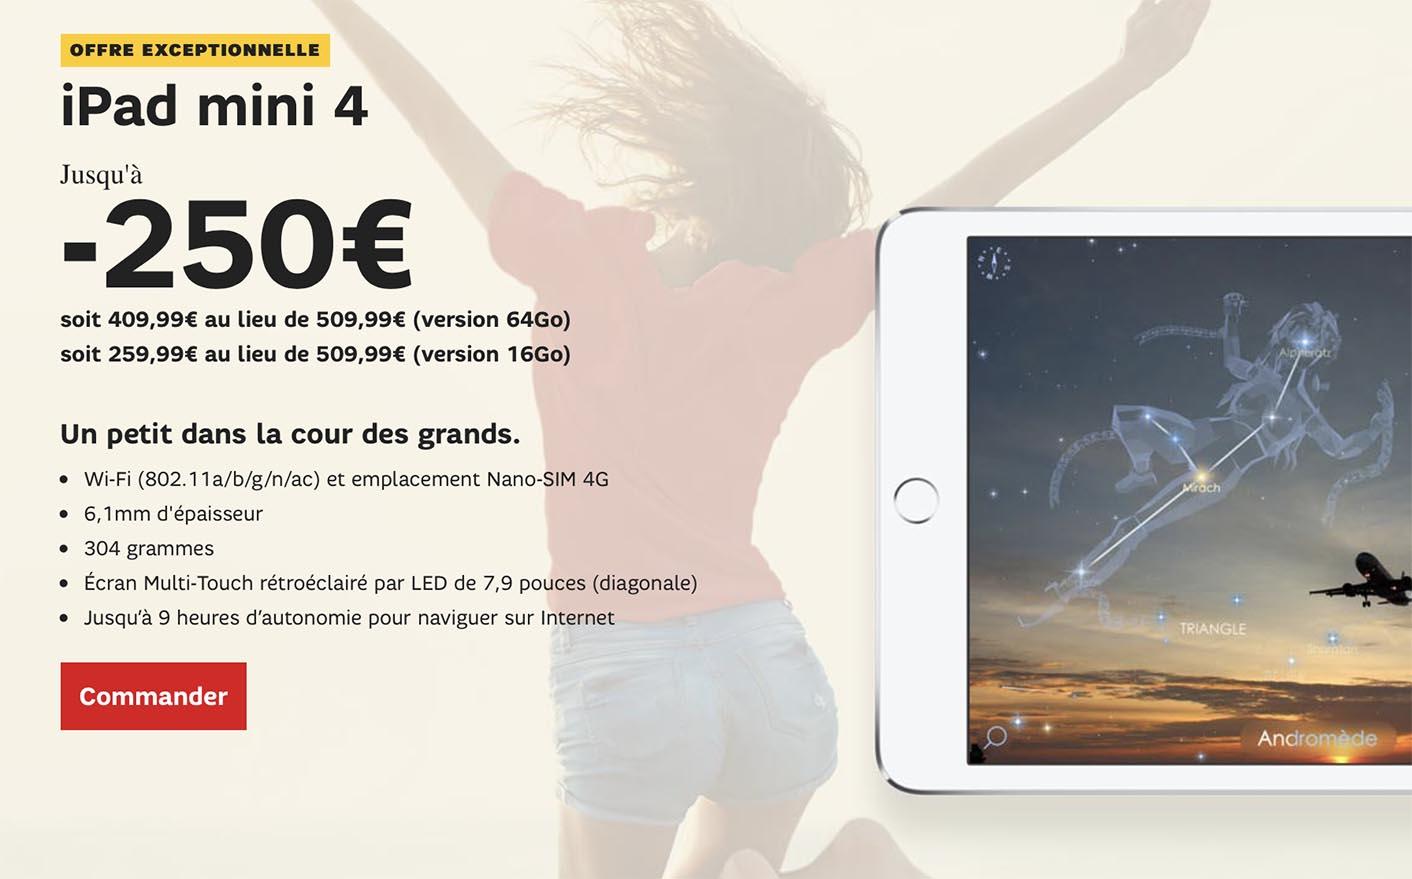 iPad mini 4 SFR